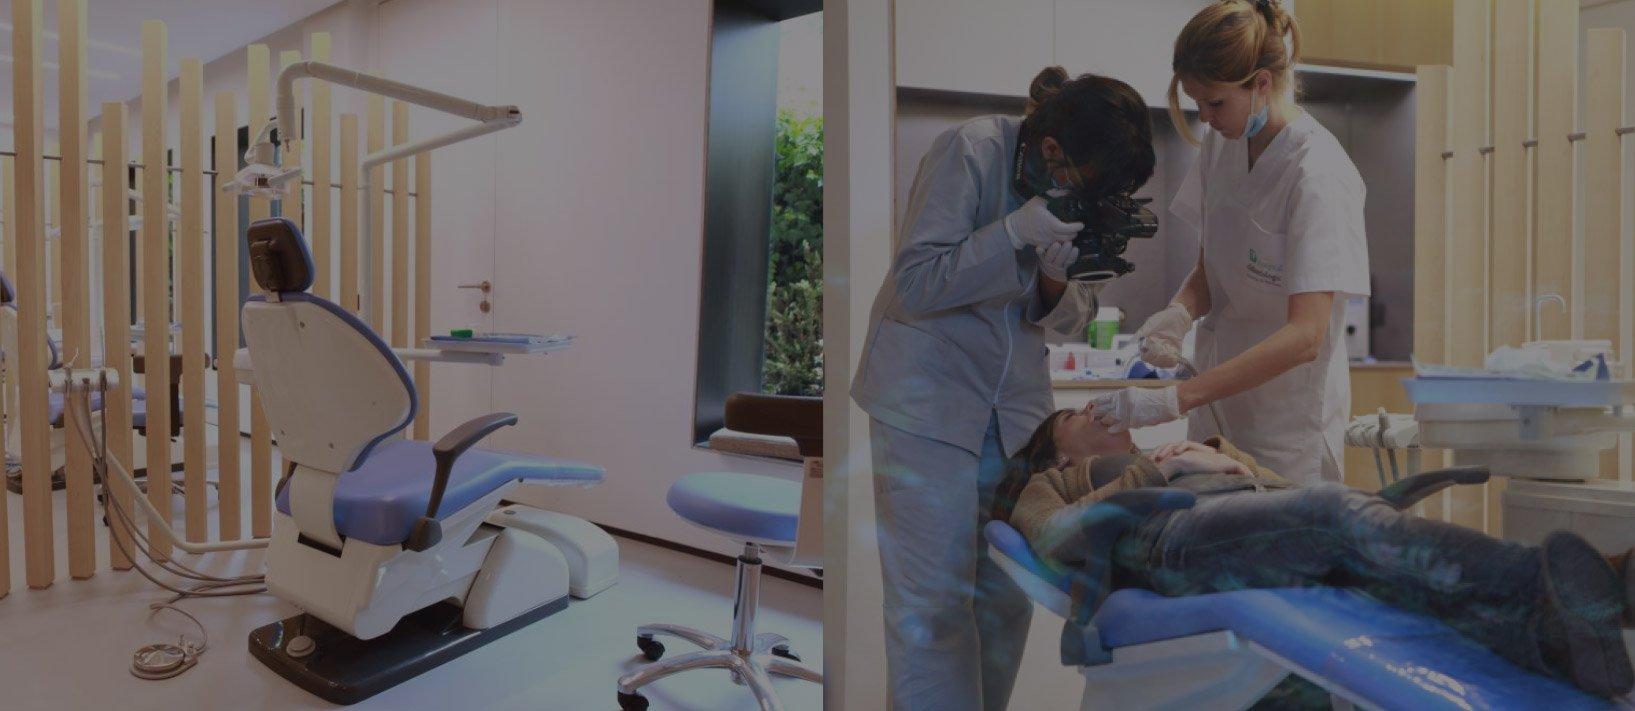 invisalign ortodoncia tres torres Barcelona instalaciones